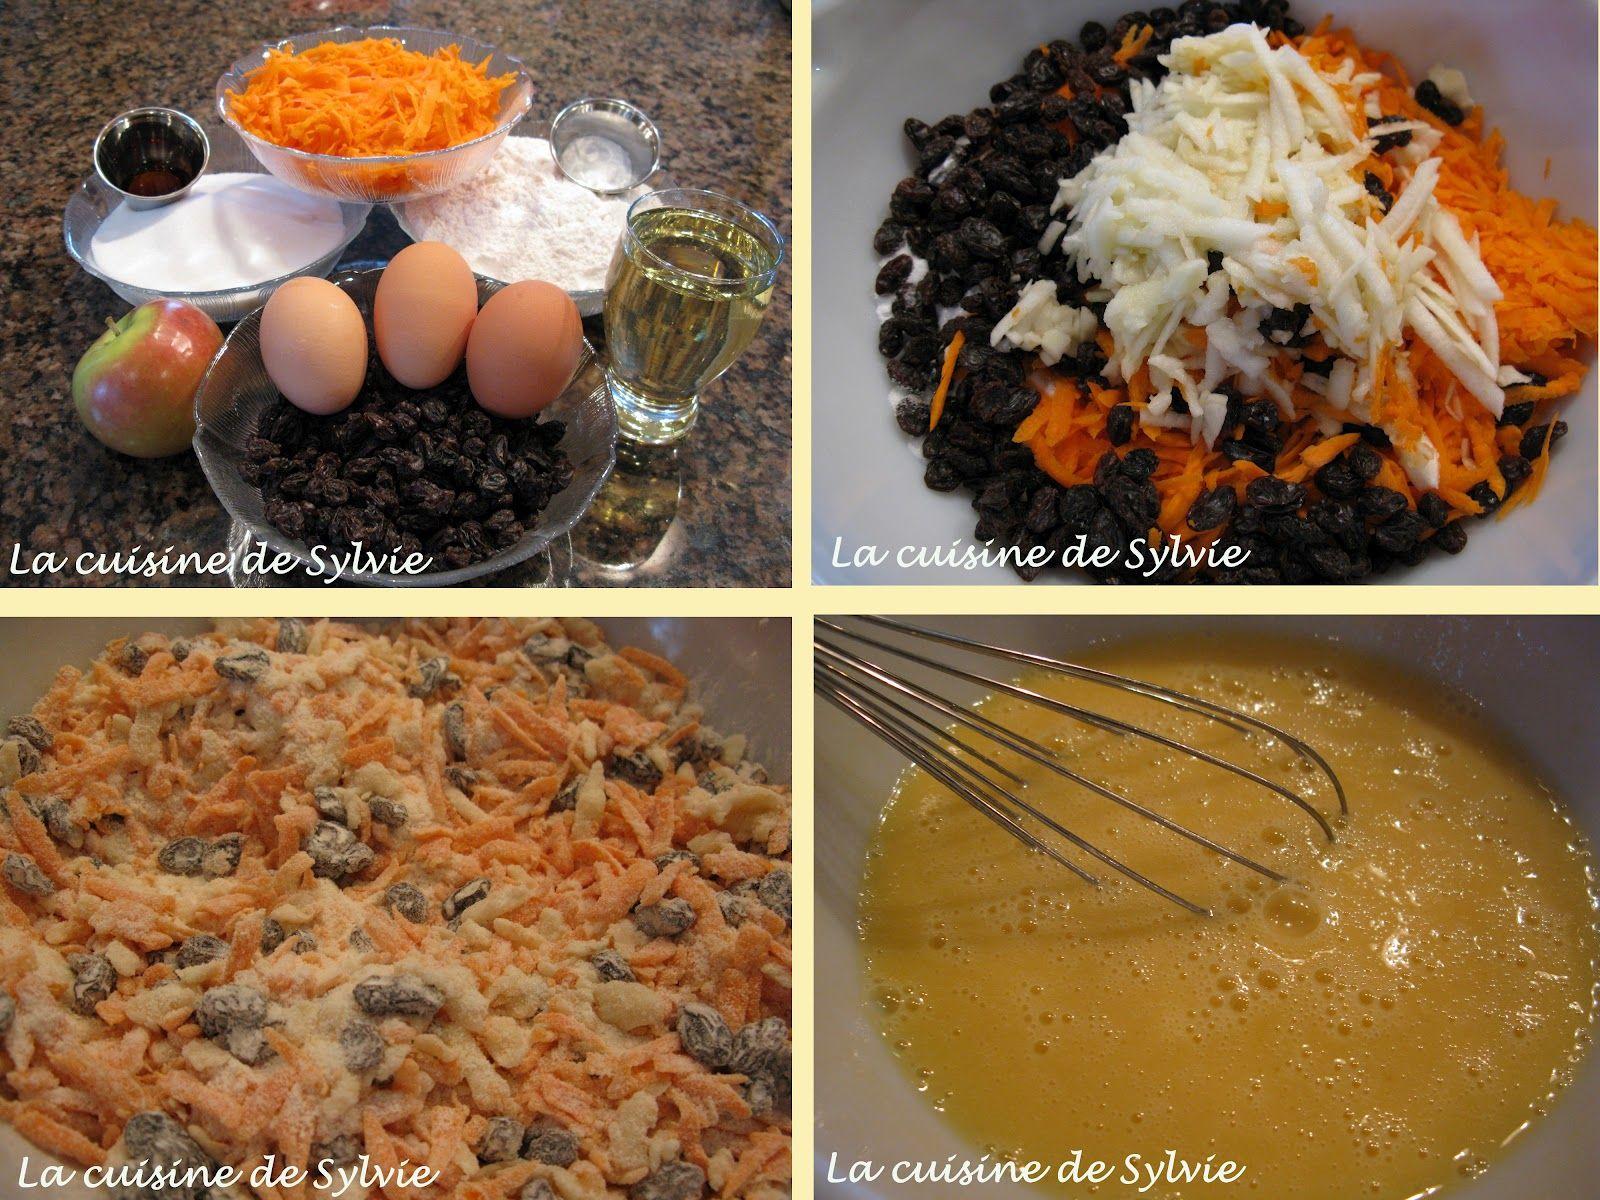 La cuisine de Sylvie: Muffins magnifiques du matin